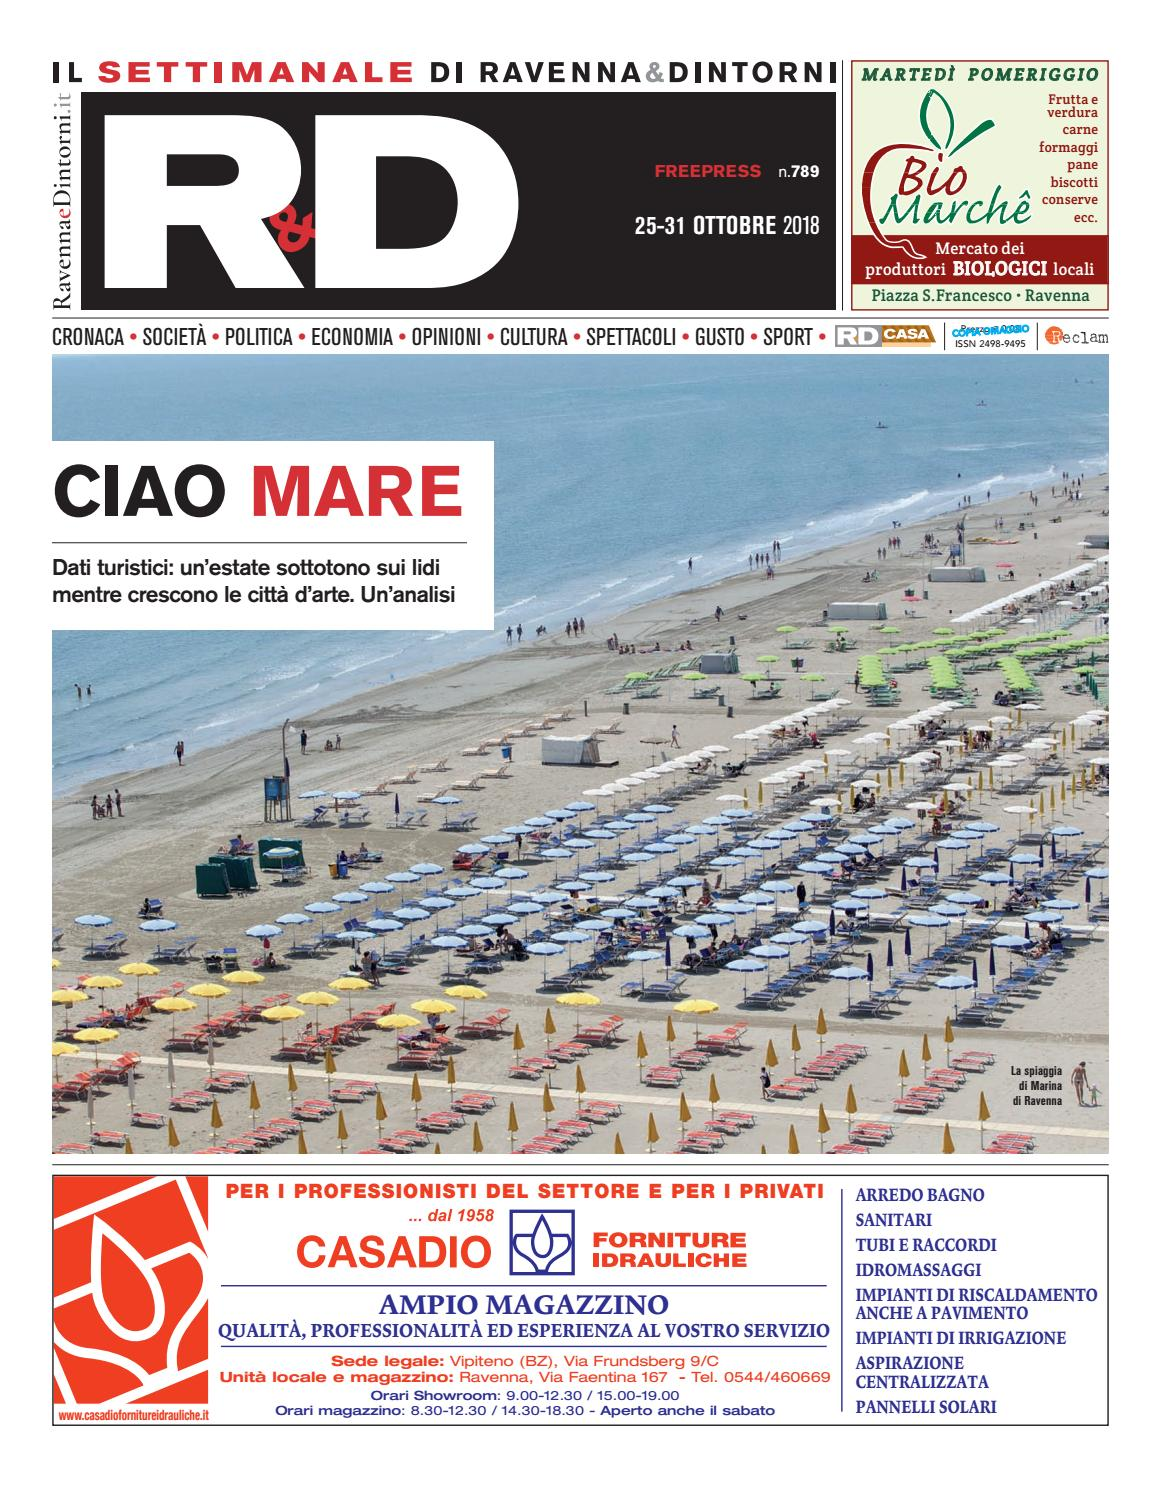 RD 25 10 18 by Reclam Edizioni e Comunicazione - issuu 3ec712e7ec36